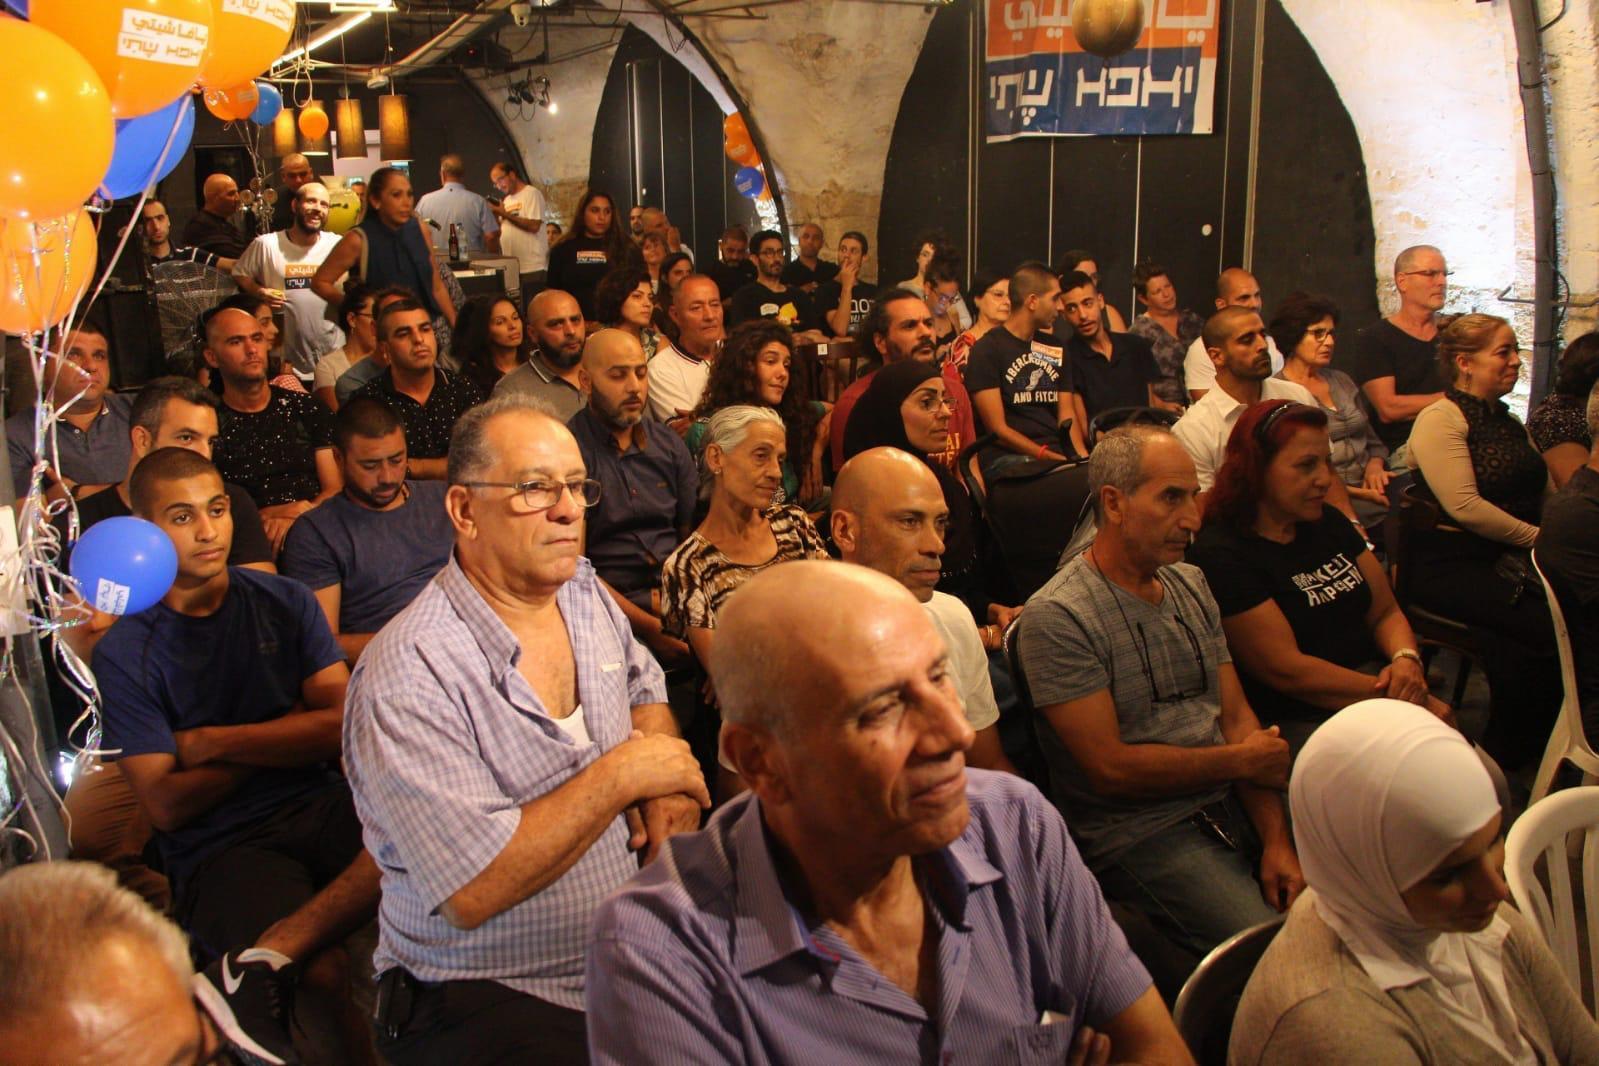 يافا: قائمة انتخابية عربية وتحديات سياسية كبيرة